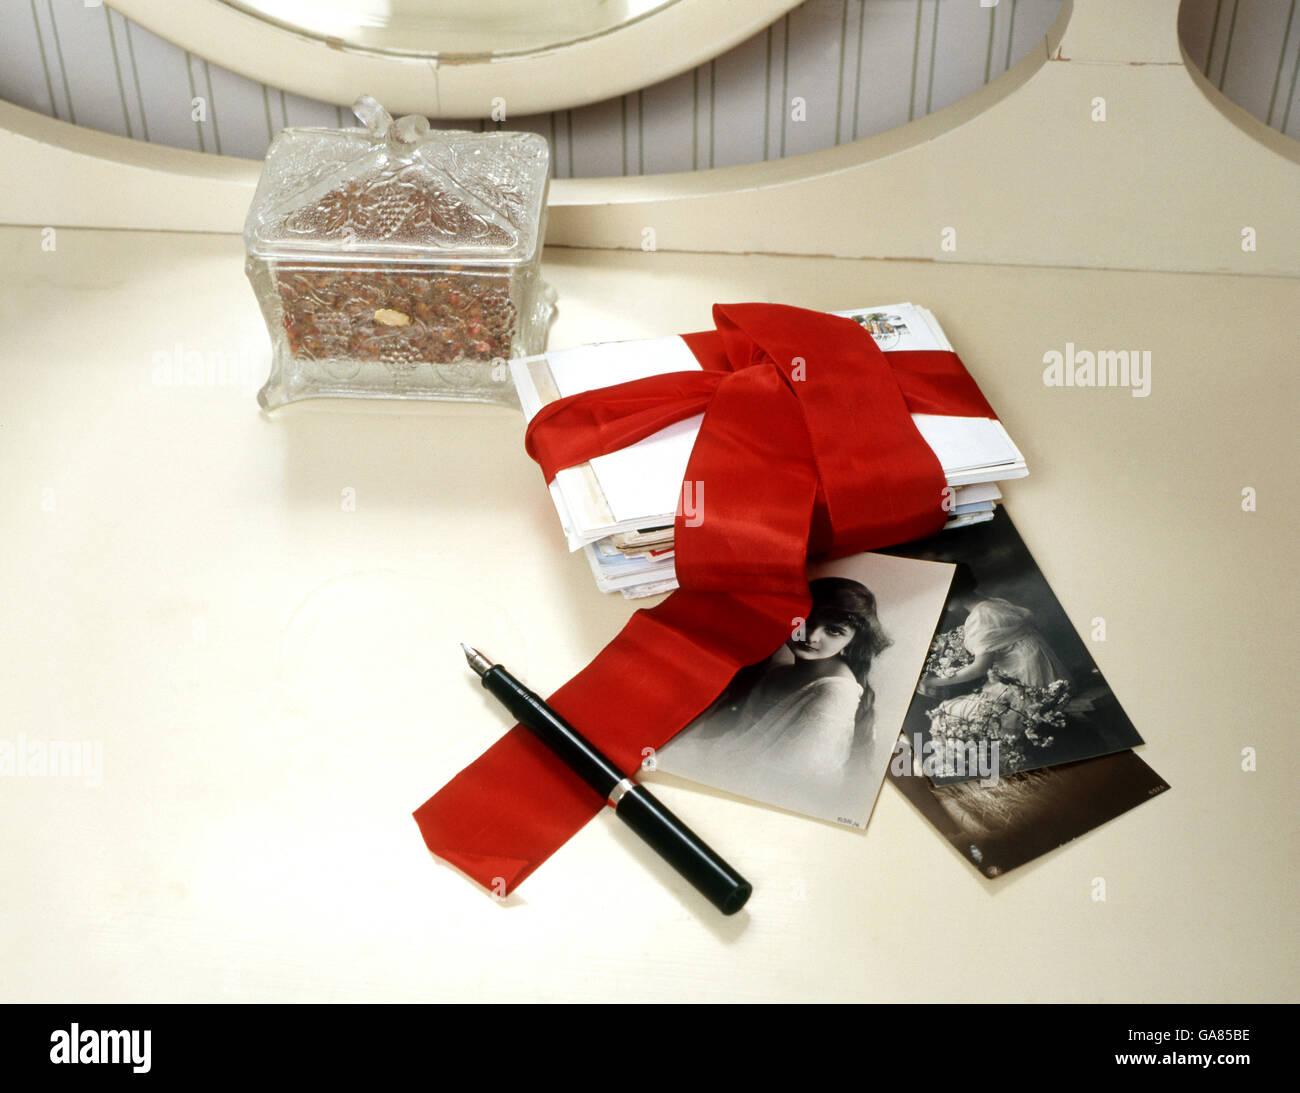 Las cartas de amor con una cinta roja Imagen De Stock